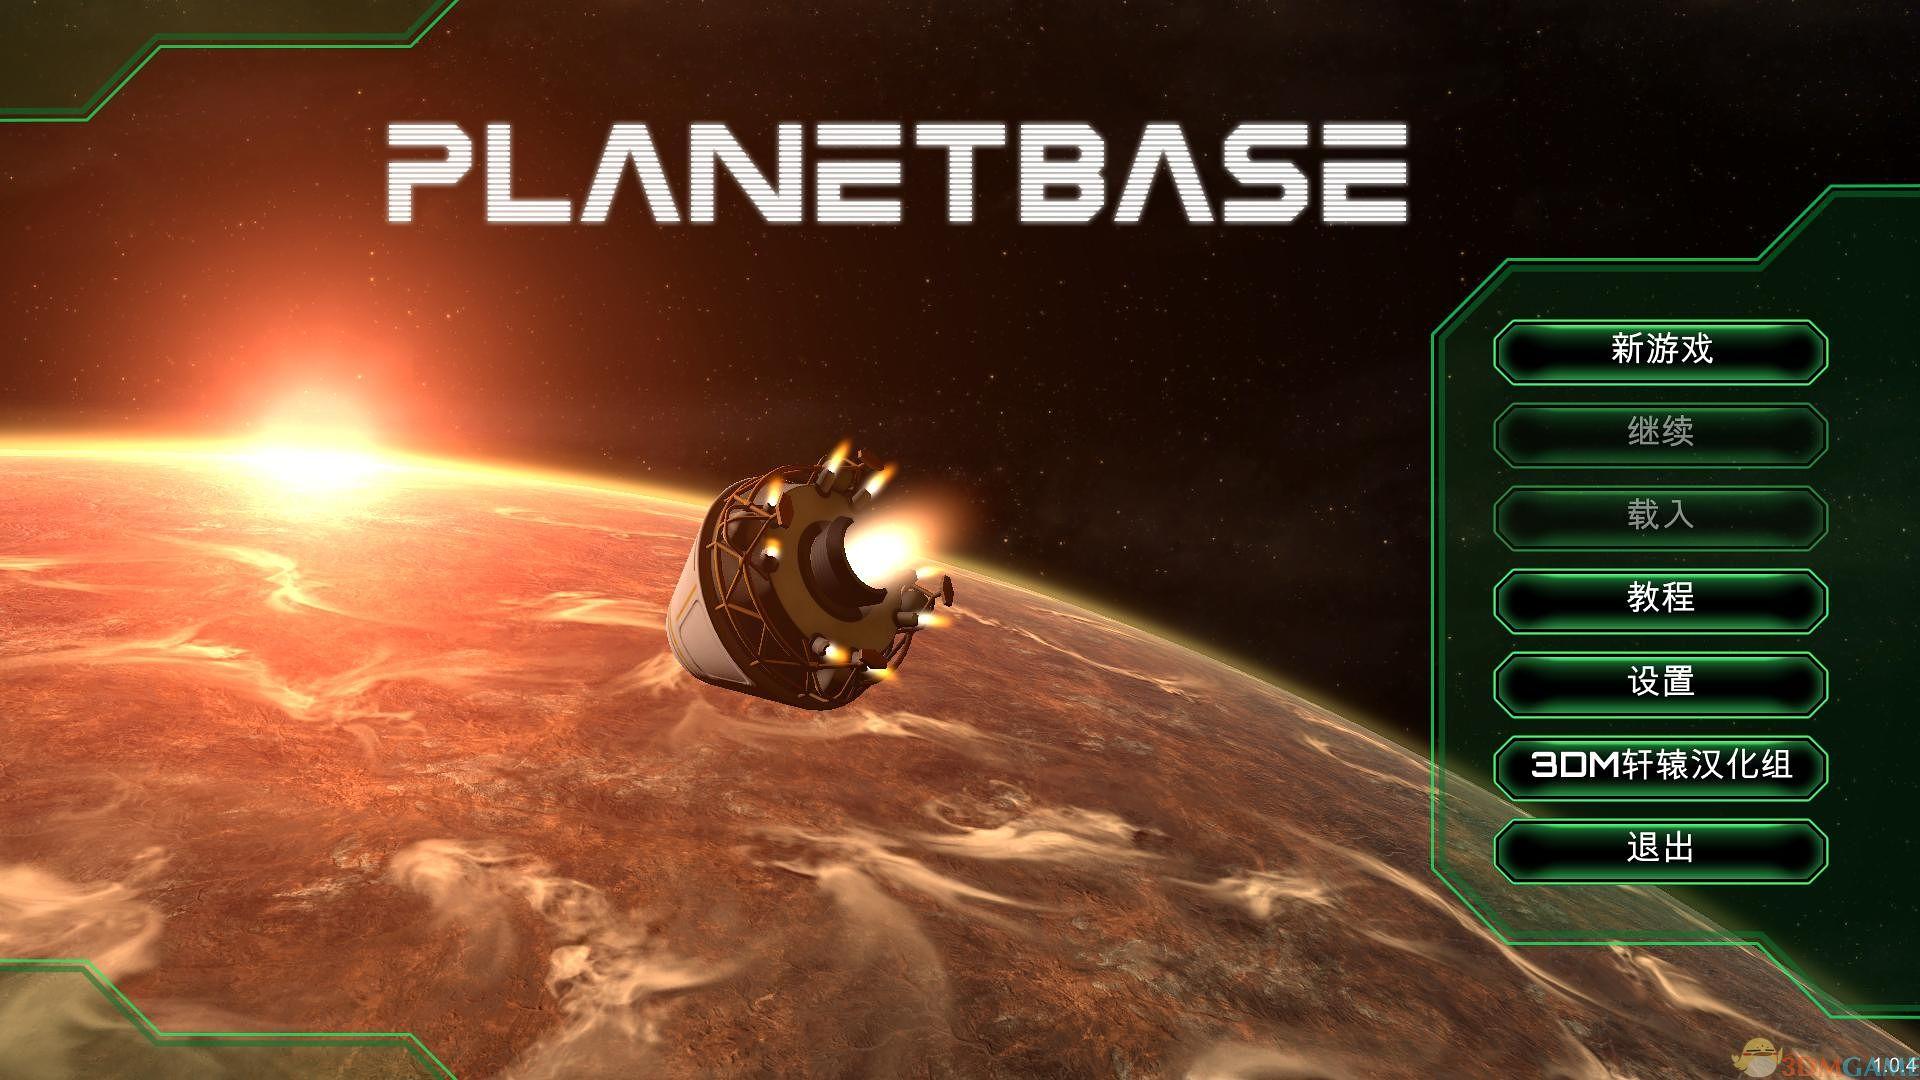 《星球基地》v1.1.3免安装中文版